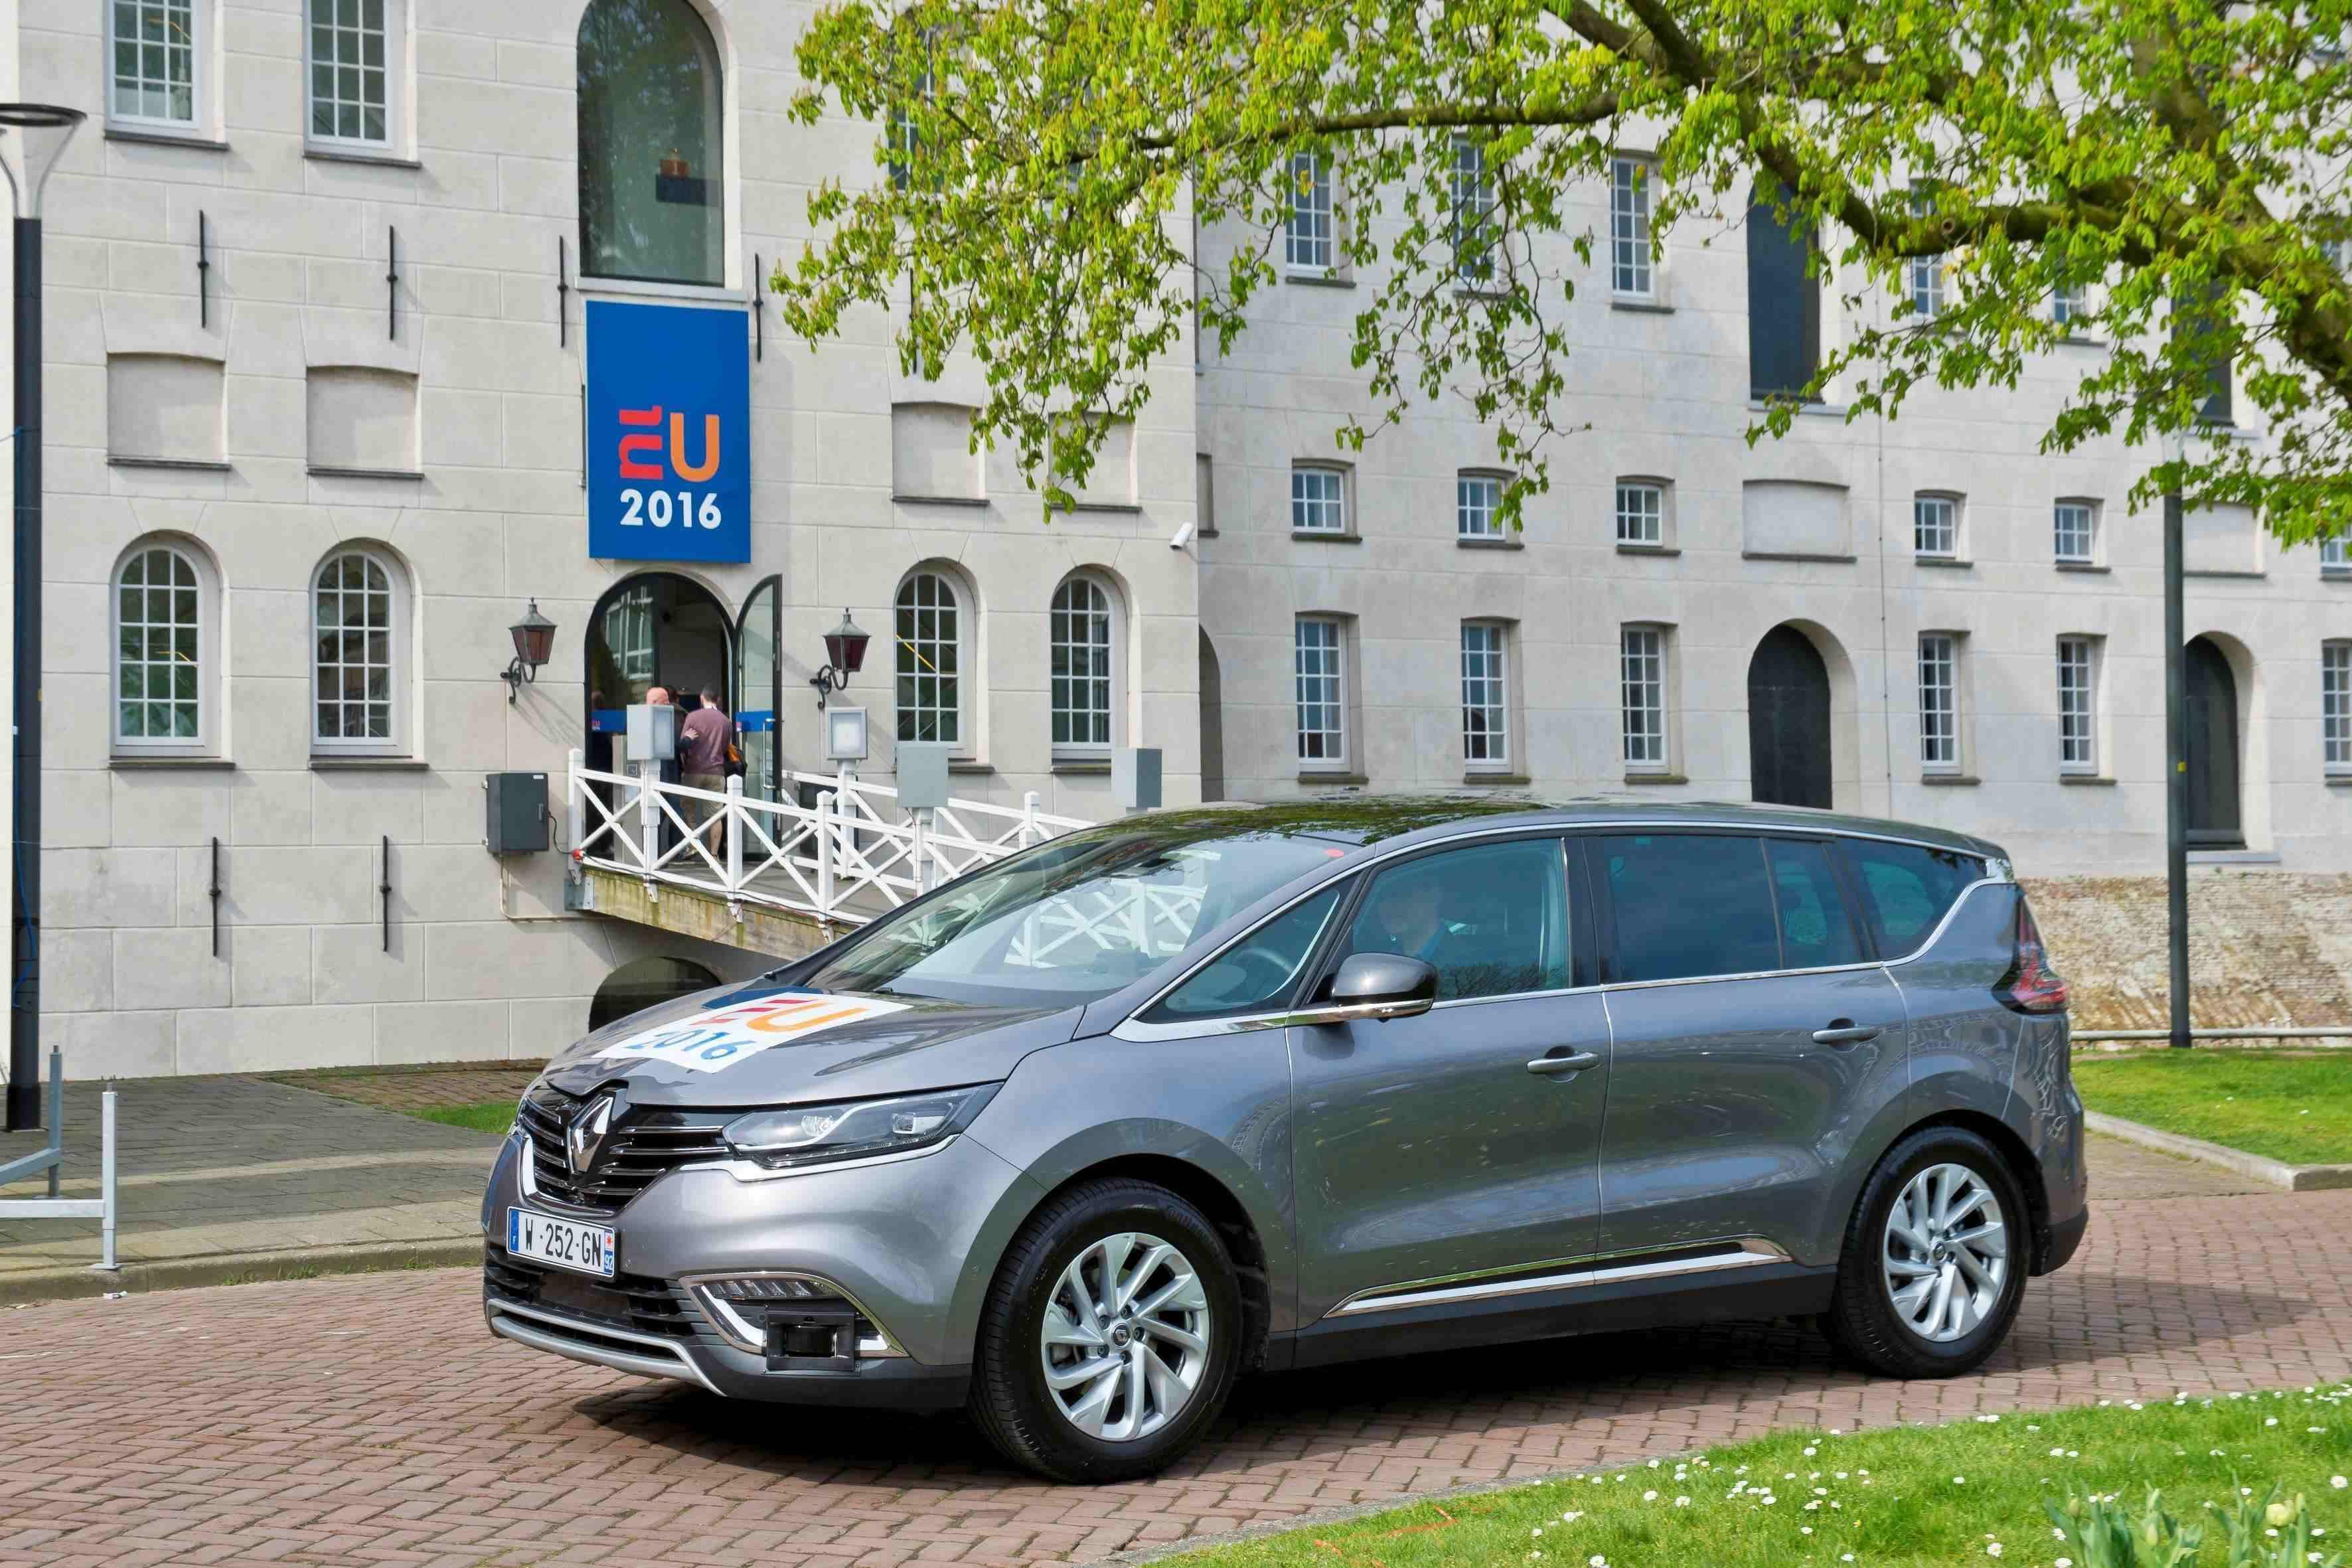 Renault apoia declaração de Amsterdã que incentiva veículos autônomos